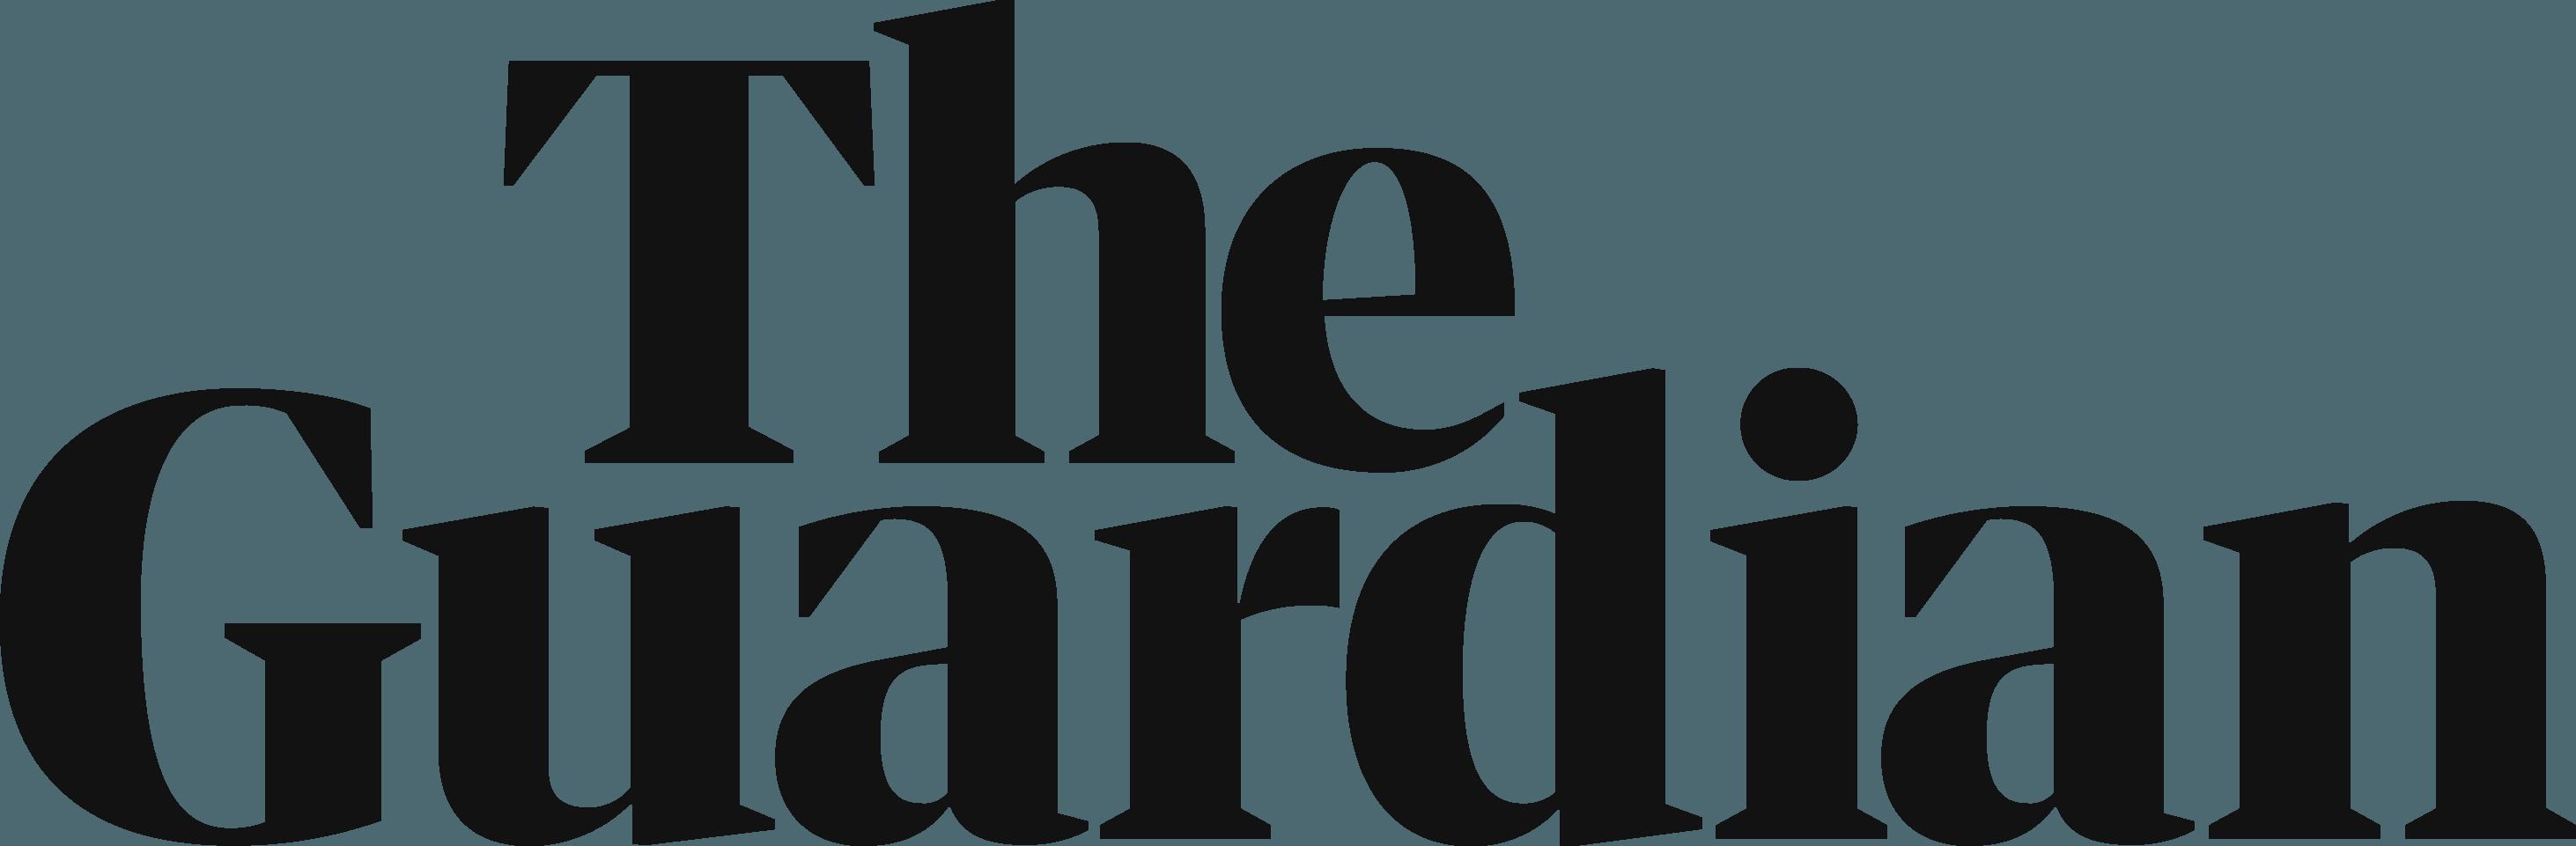 The Guardian Logo [guardian.co.uk] png